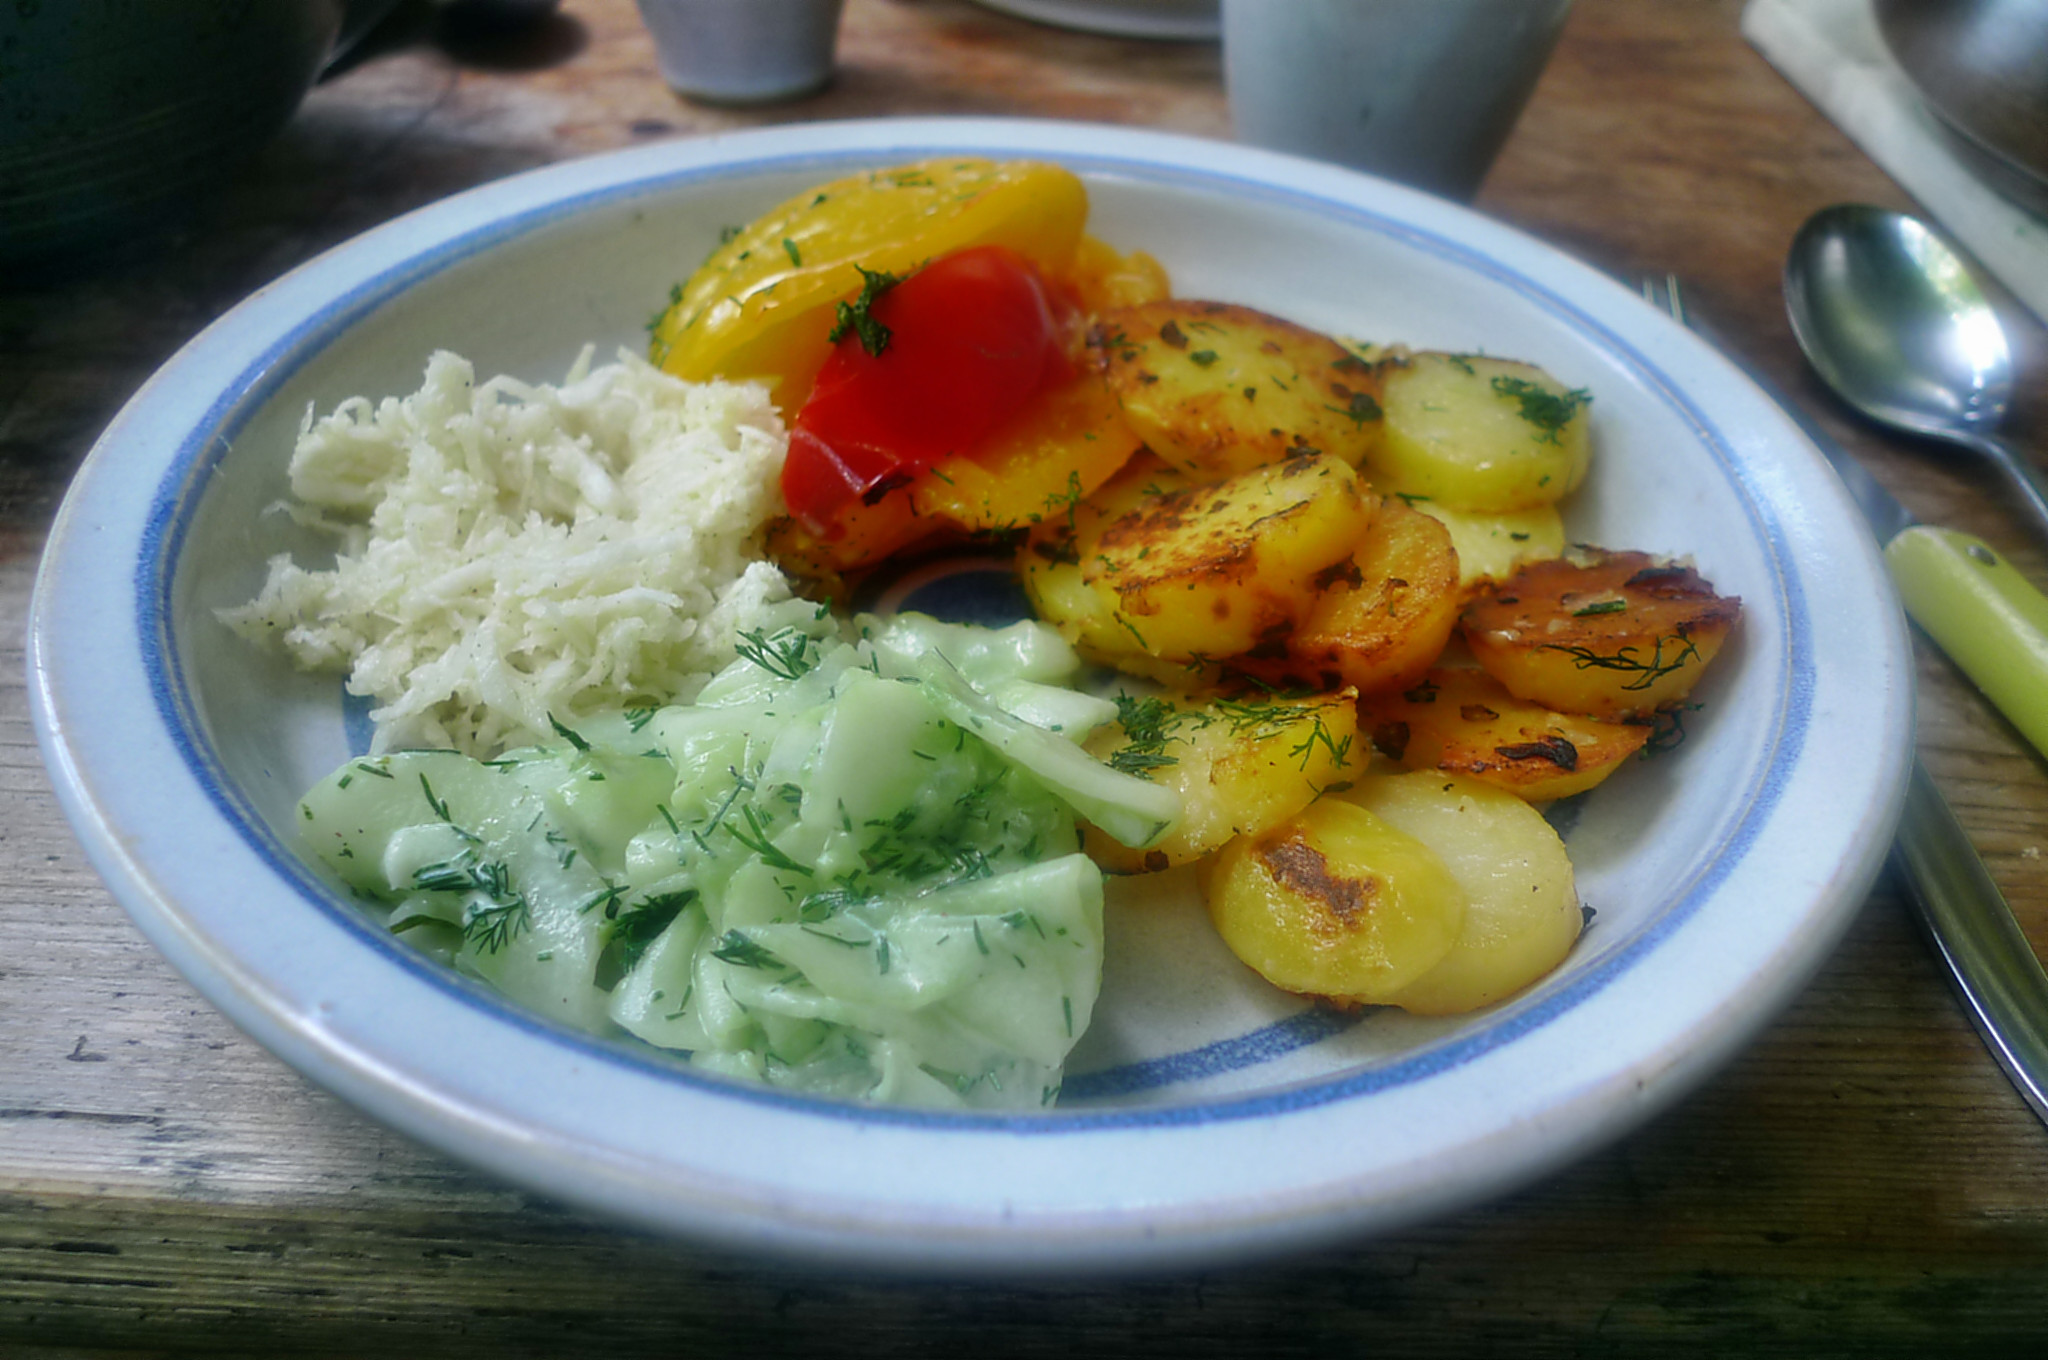 Paprika-Rettichsalat-Gurkensalat-Bratkartoffel-1.8.14   (5)